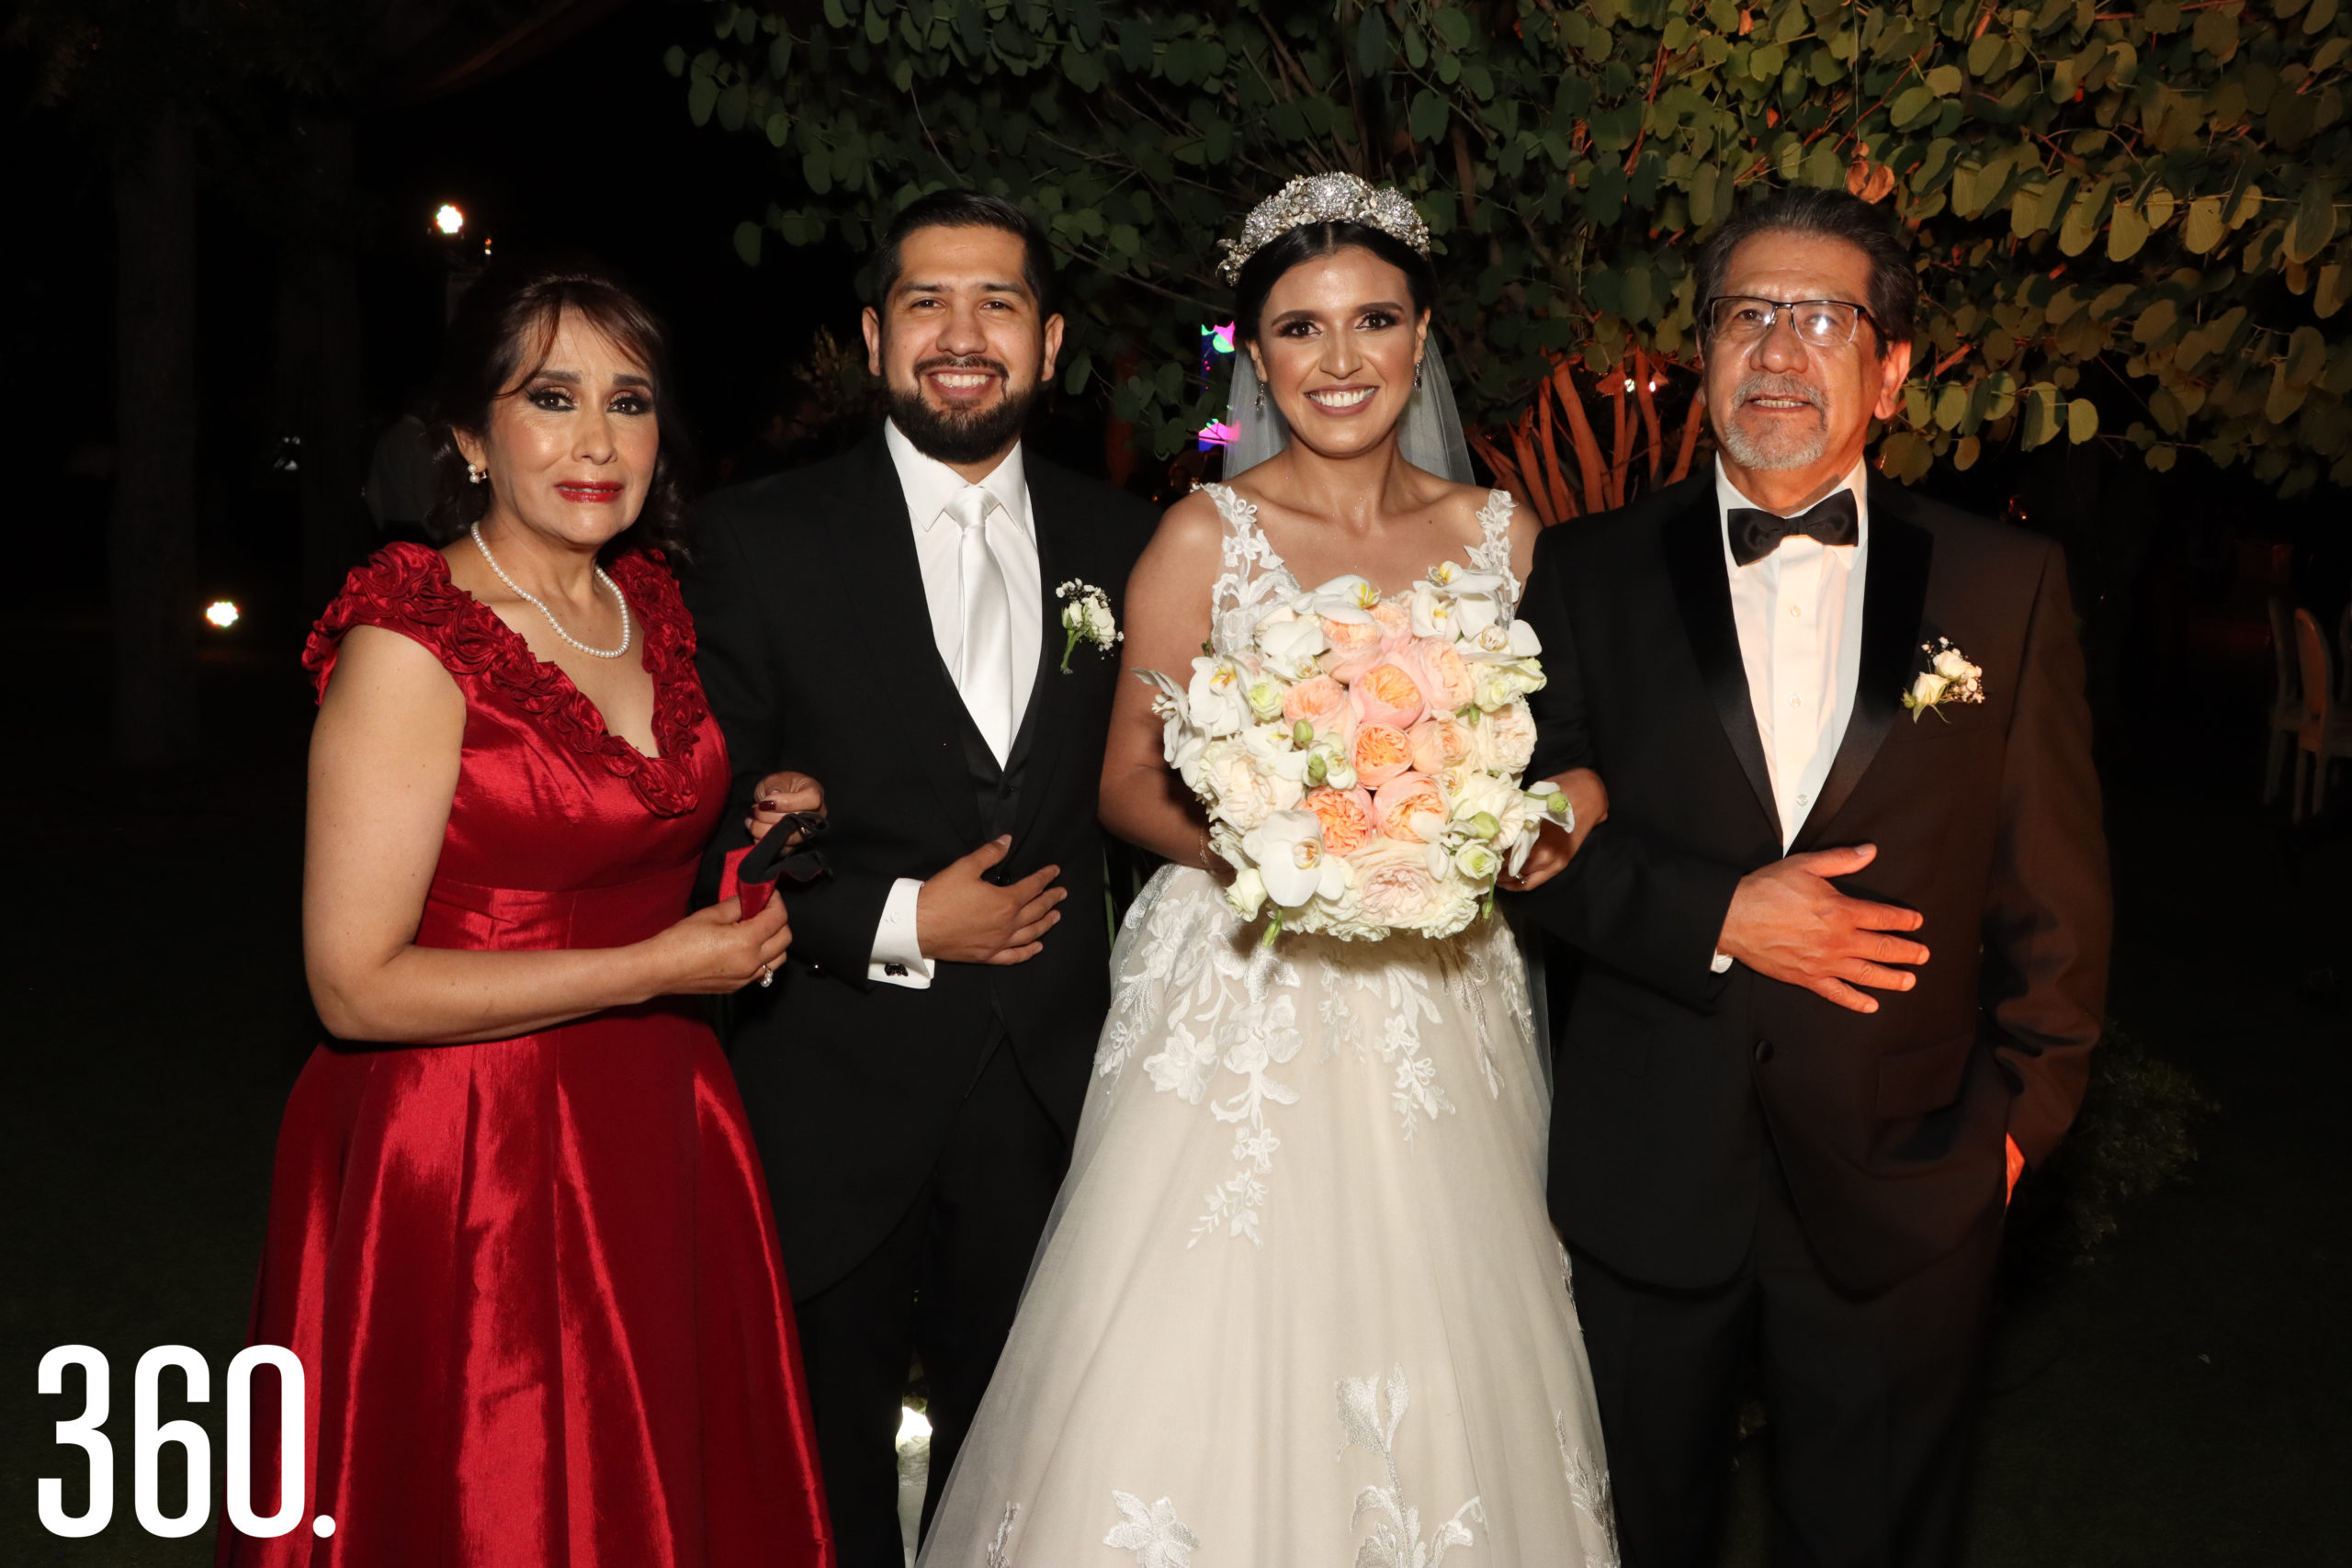 Francisco García Guido y Patricia Lerma, padres de Guido con Guido y Sheila.